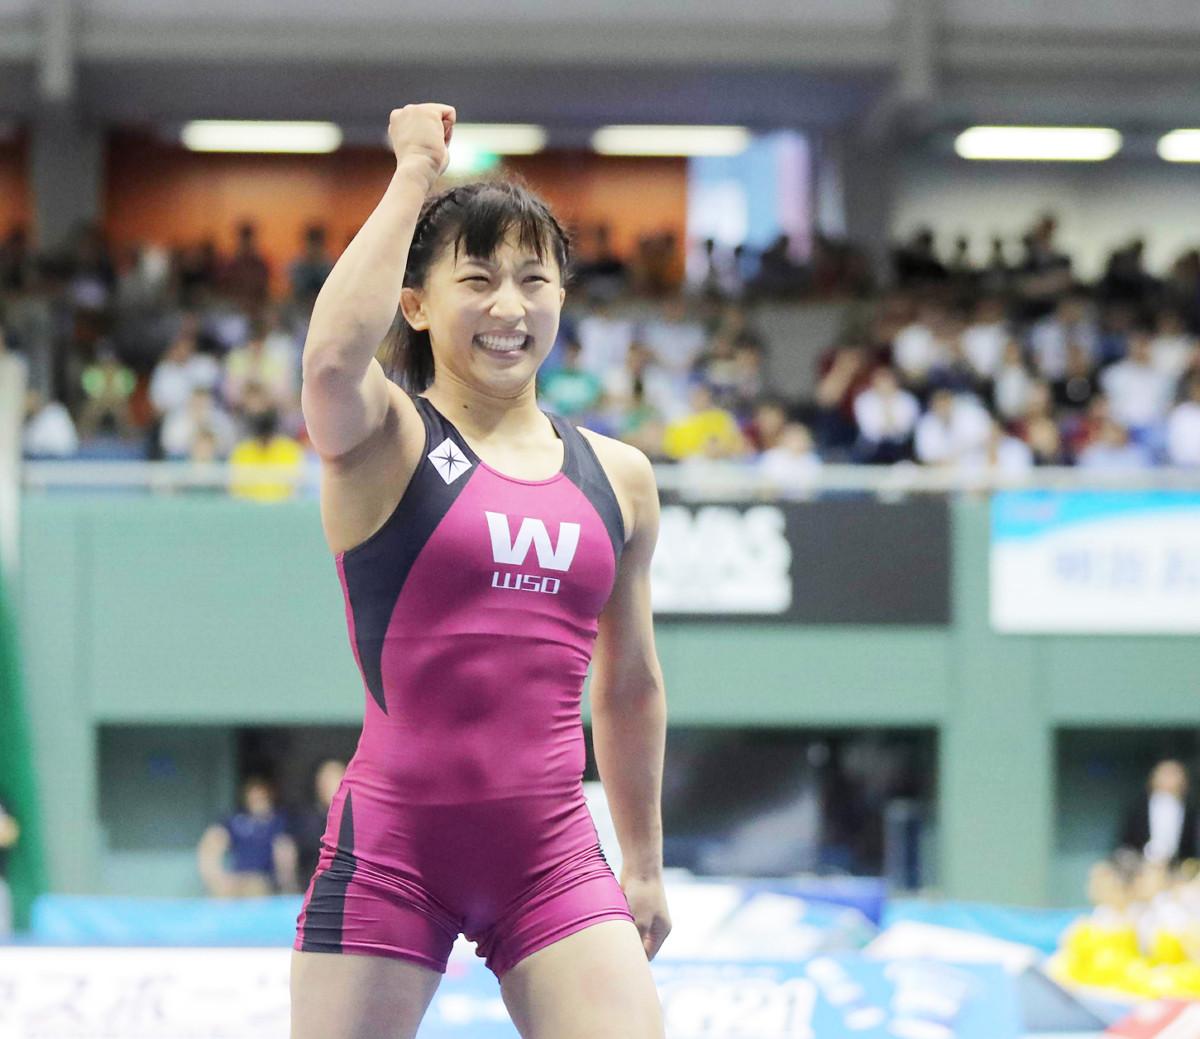 須崎、憧れ登坂に大差勝ち「倒せてうれしかった」 : スポーツ報知